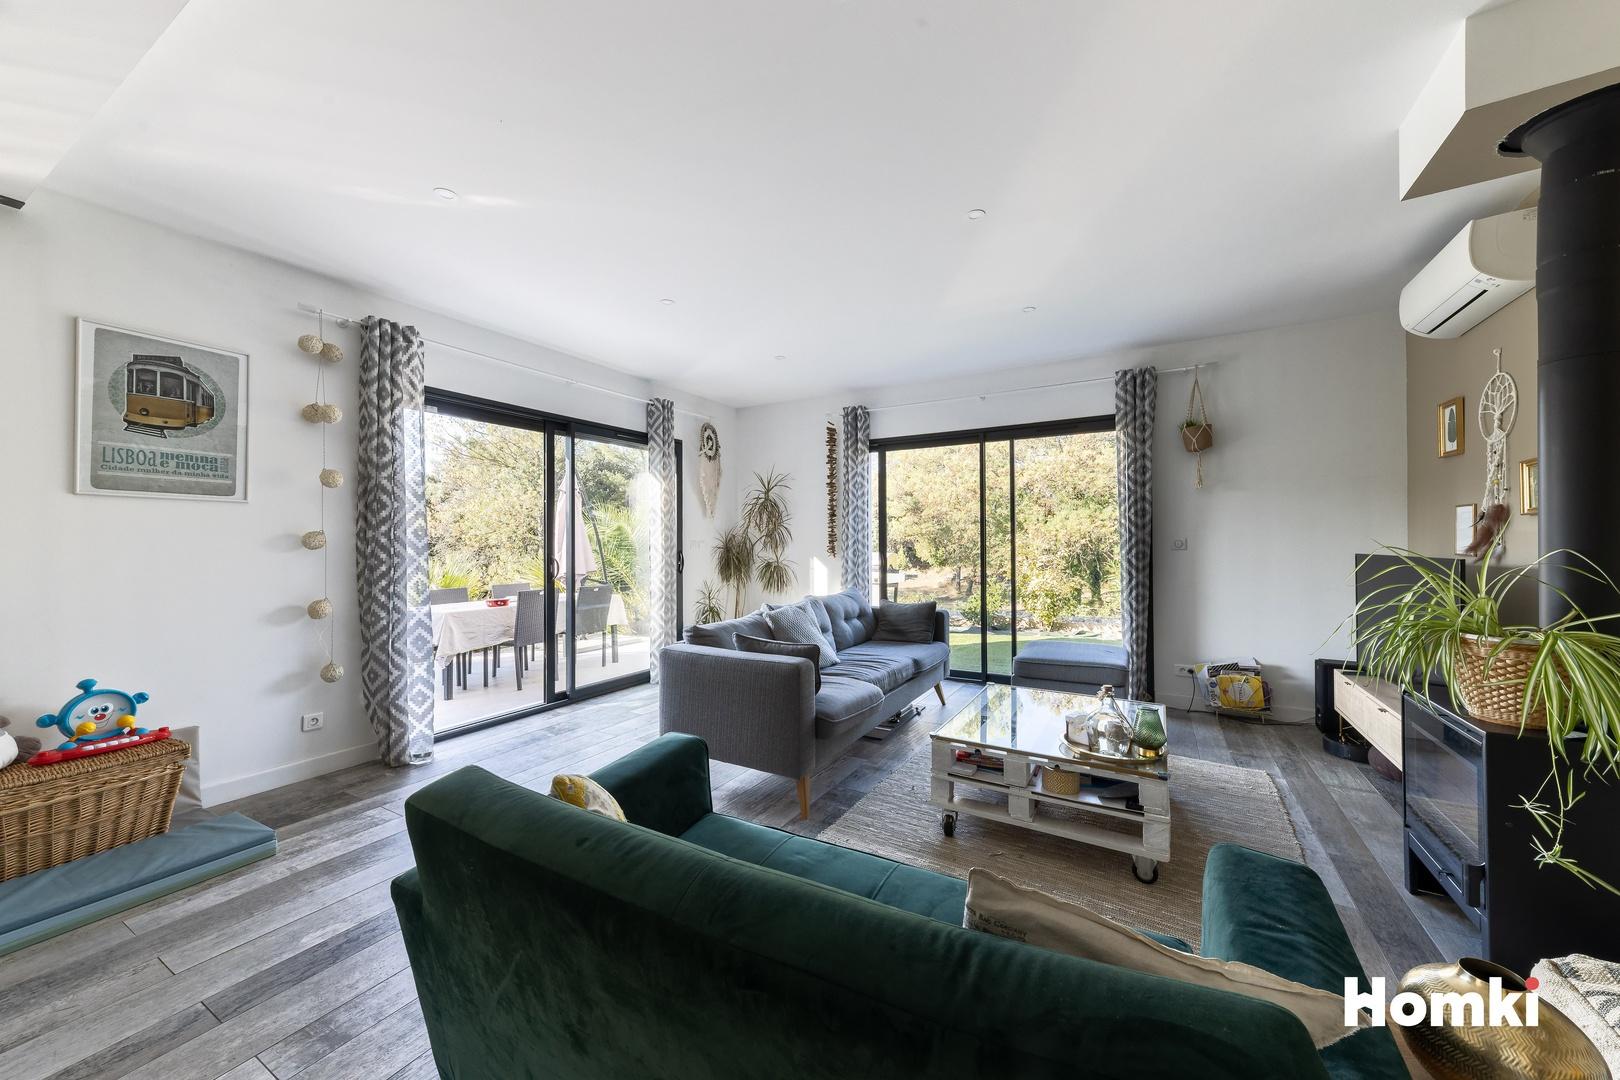 Homki - Vente Maison/villa  de 94.0 m² à Marseille 13011